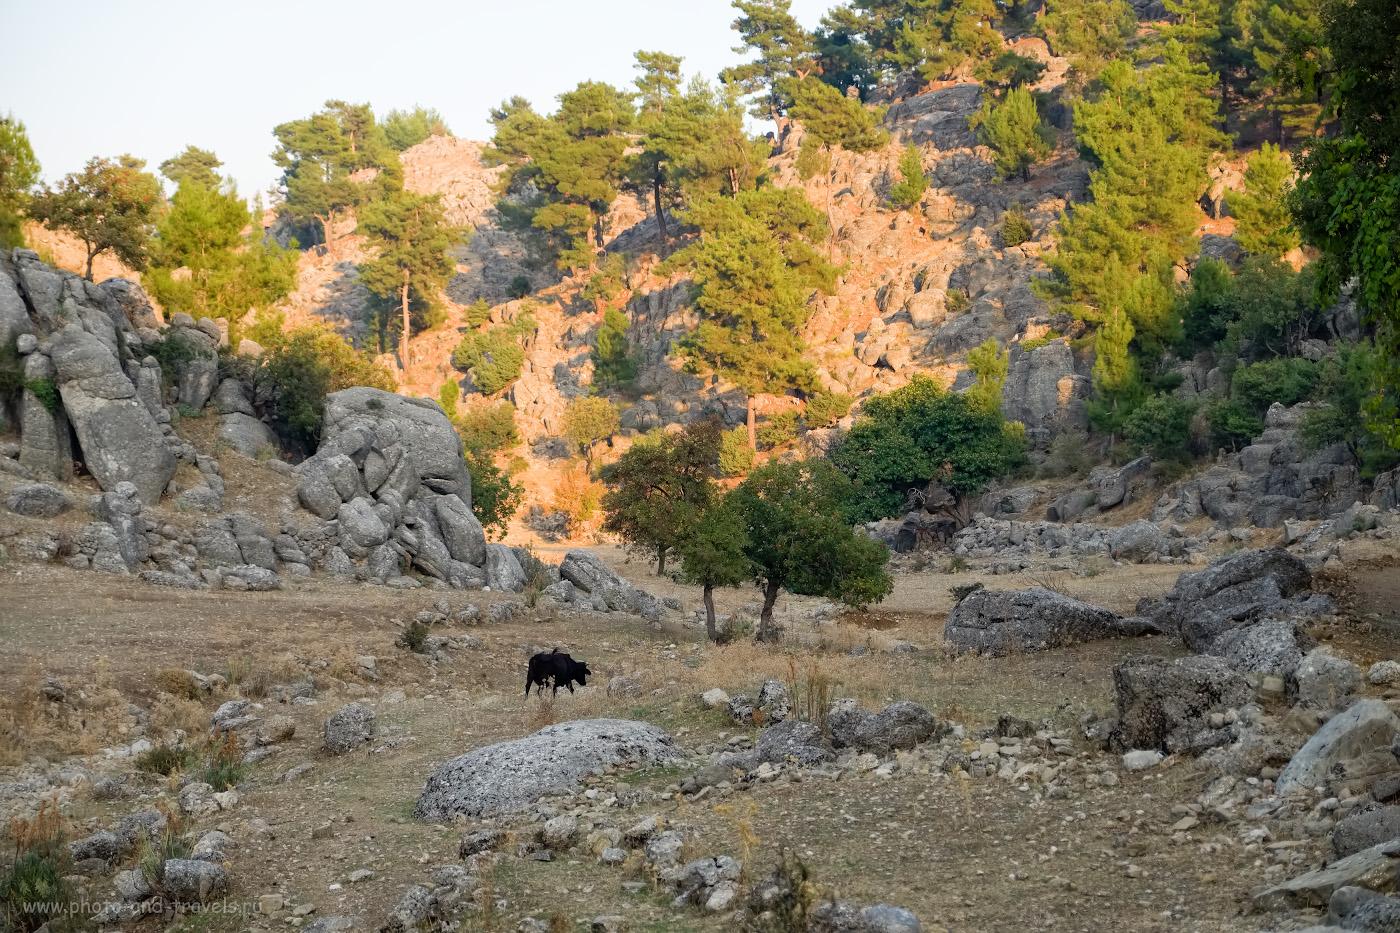 15. Такие пейзажи начинаются за «конечной точкой». Как мы ездили на экскурсию в Сельге из окрестностей Сиде. Чудесные места в Турции для самостоятельного путешествия на машине. 1/640, 2.8, 200, -0.33, 55.